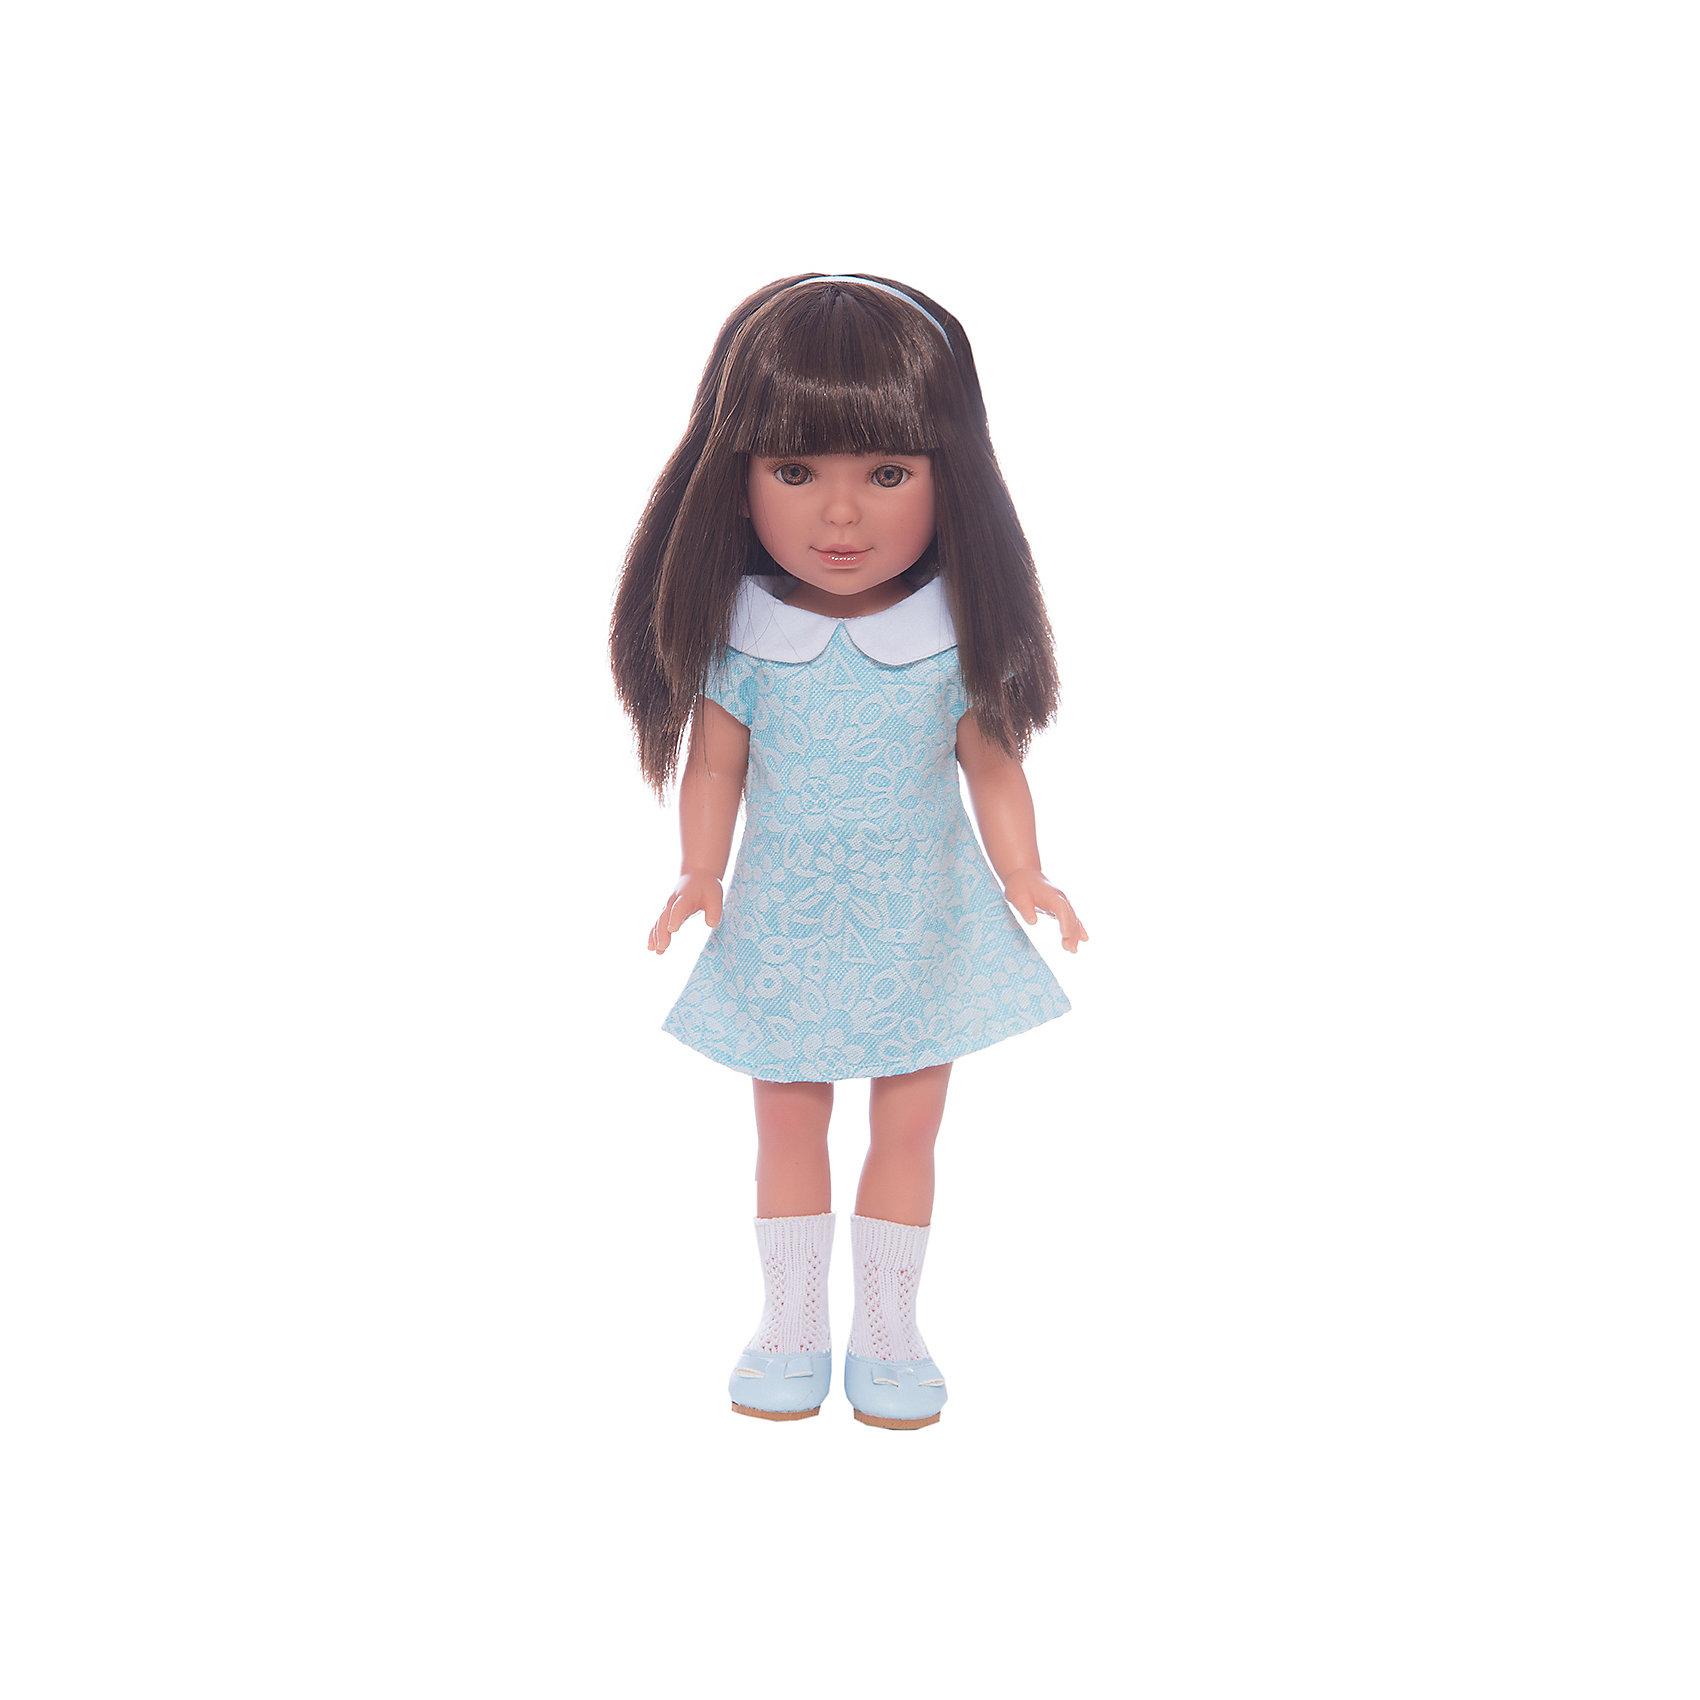 Кукла Паулина, брюнетка с челкой, Лето Оксфорд, Vestida de AzulКлассические куклы<br>Характеристики товара:<br><br>• возраст: от 3 лет;<br>• материал: винил, текстиль;<br>• в комплекте: кукла, платье;<br>• высота куклы: 33 см;<br>• размер упаковки: 40,5х22,5х10,5 см;<br>• вес упаковки: 700 гр.;<br>• страна производитель: Испания.<br><br>Кукла Паулина брюнетка с челкой «Лето Оксфорд» Vestida de Azul одета в голубое платье и туфельки. У Паулины милое личико с большими живыми глазками, щечками с легким румянцем. Густые темные волосы с челкой очень похожи на натуральные. Девочка сможет расчесывать их, укладывать, заплетать, придумывая кукле разнообразные прически.<br><br>Куклу Паулину брюнетка с челкой «Лето Оксфорд» Vestida de Azul можно приобрести в нашем интернет-магазине.<br><br>Ширина мм: 225<br>Глубина мм: 105<br>Высота мм: 405<br>Вес г: 700<br>Возраст от месяцев: 36<br>Возраст до месяцев: 2147483647<br>Пол: Женский<br>Возраст: Детский<br>SKU: 6844335